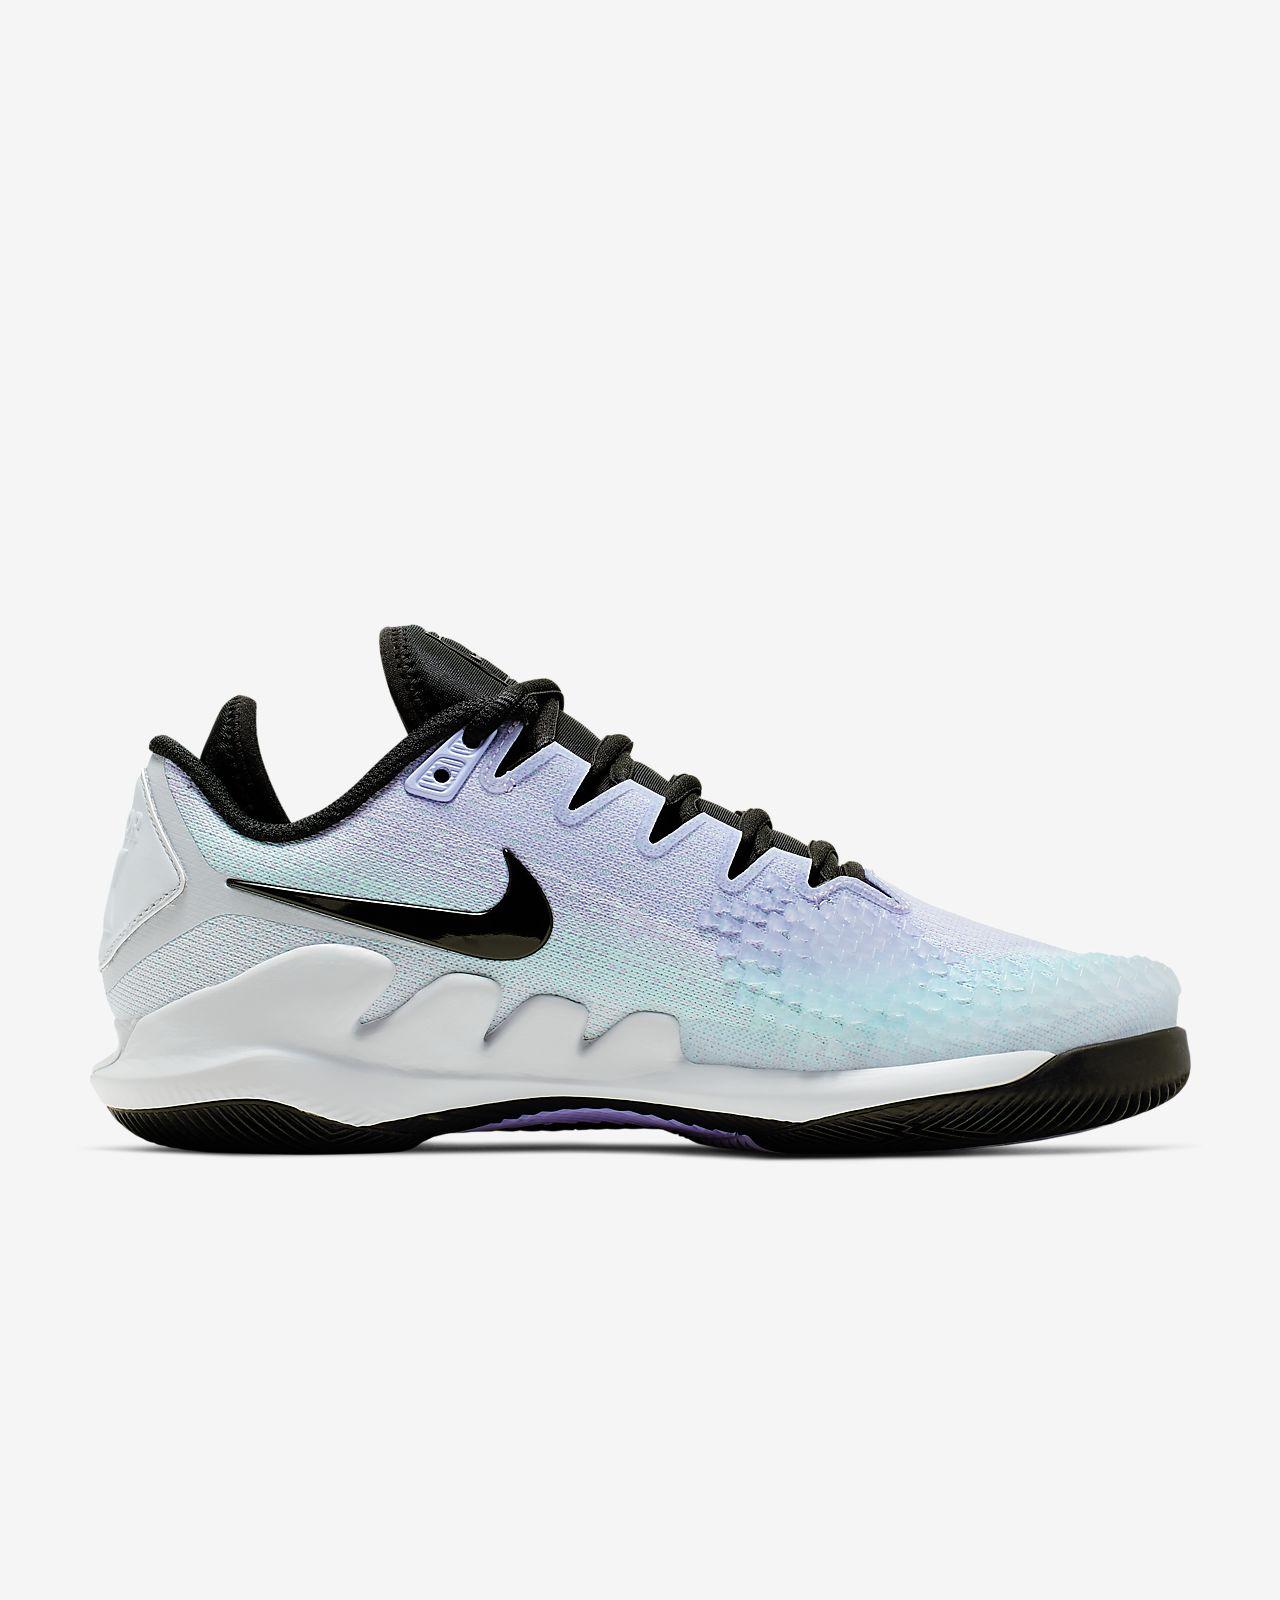 NikeCourt Air Zoom Vapor X Knit Zapatillas de tenis de pista rápida Mujer